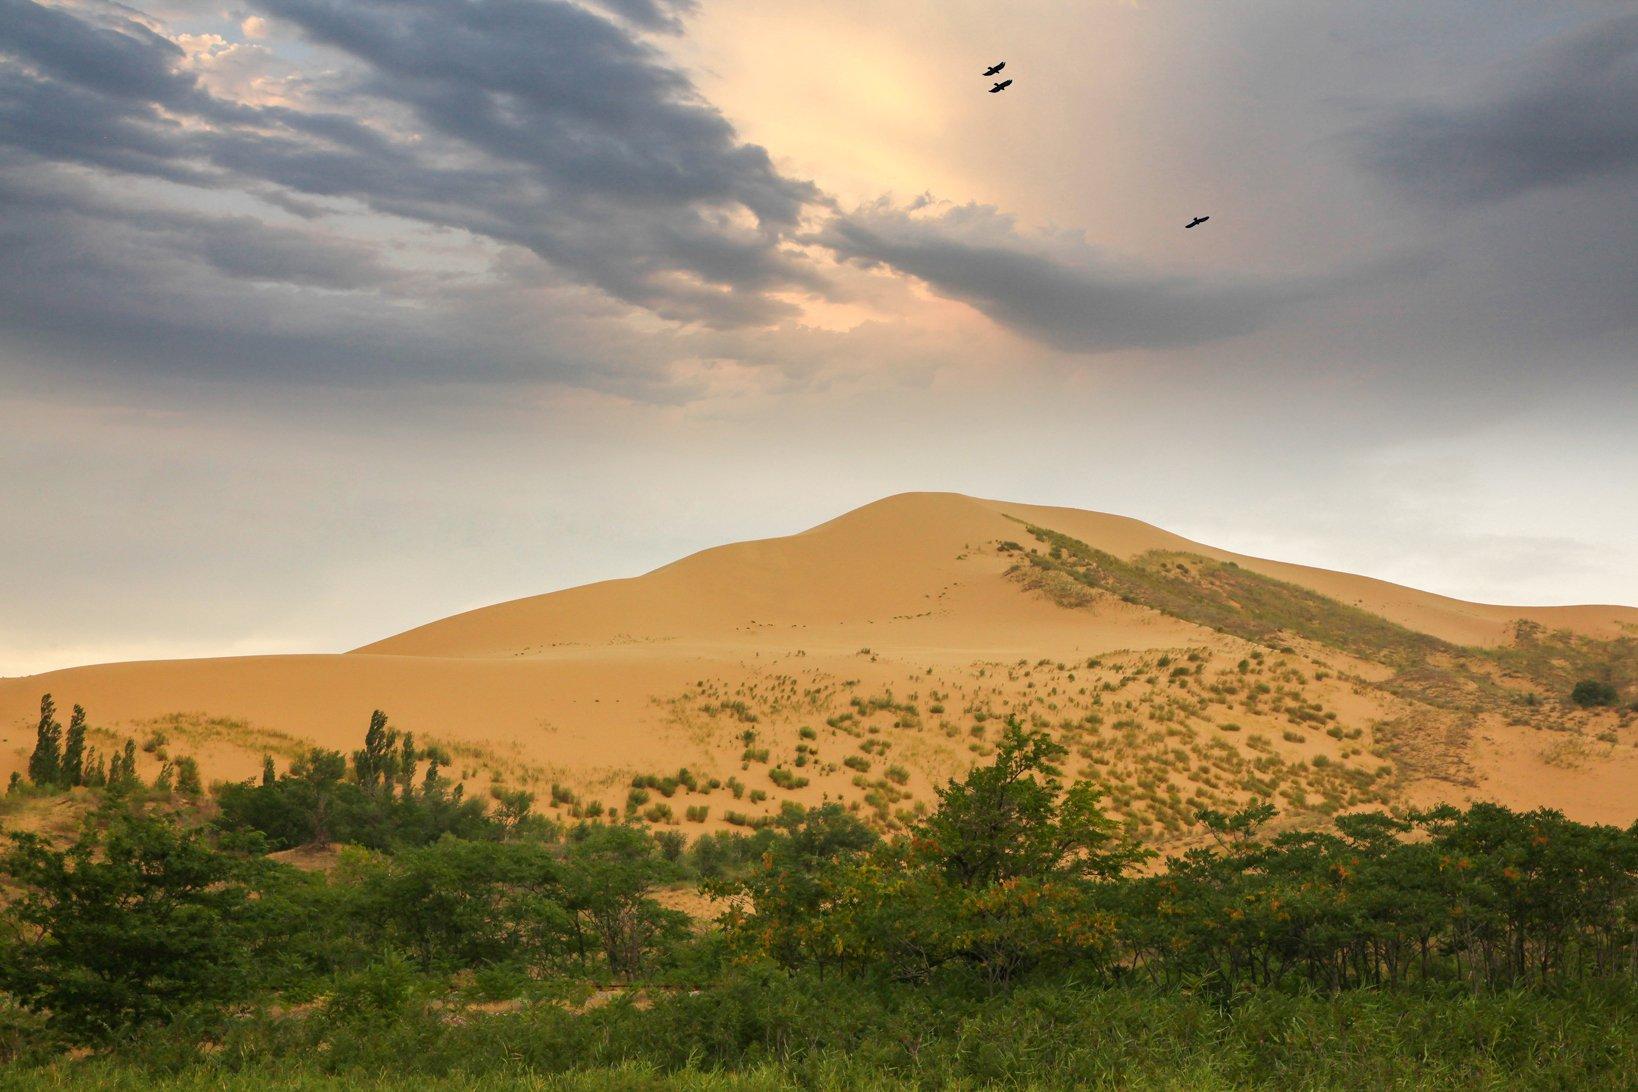 сары кум,песок,гора.природа,пустыня,дагестан., Magov Marat